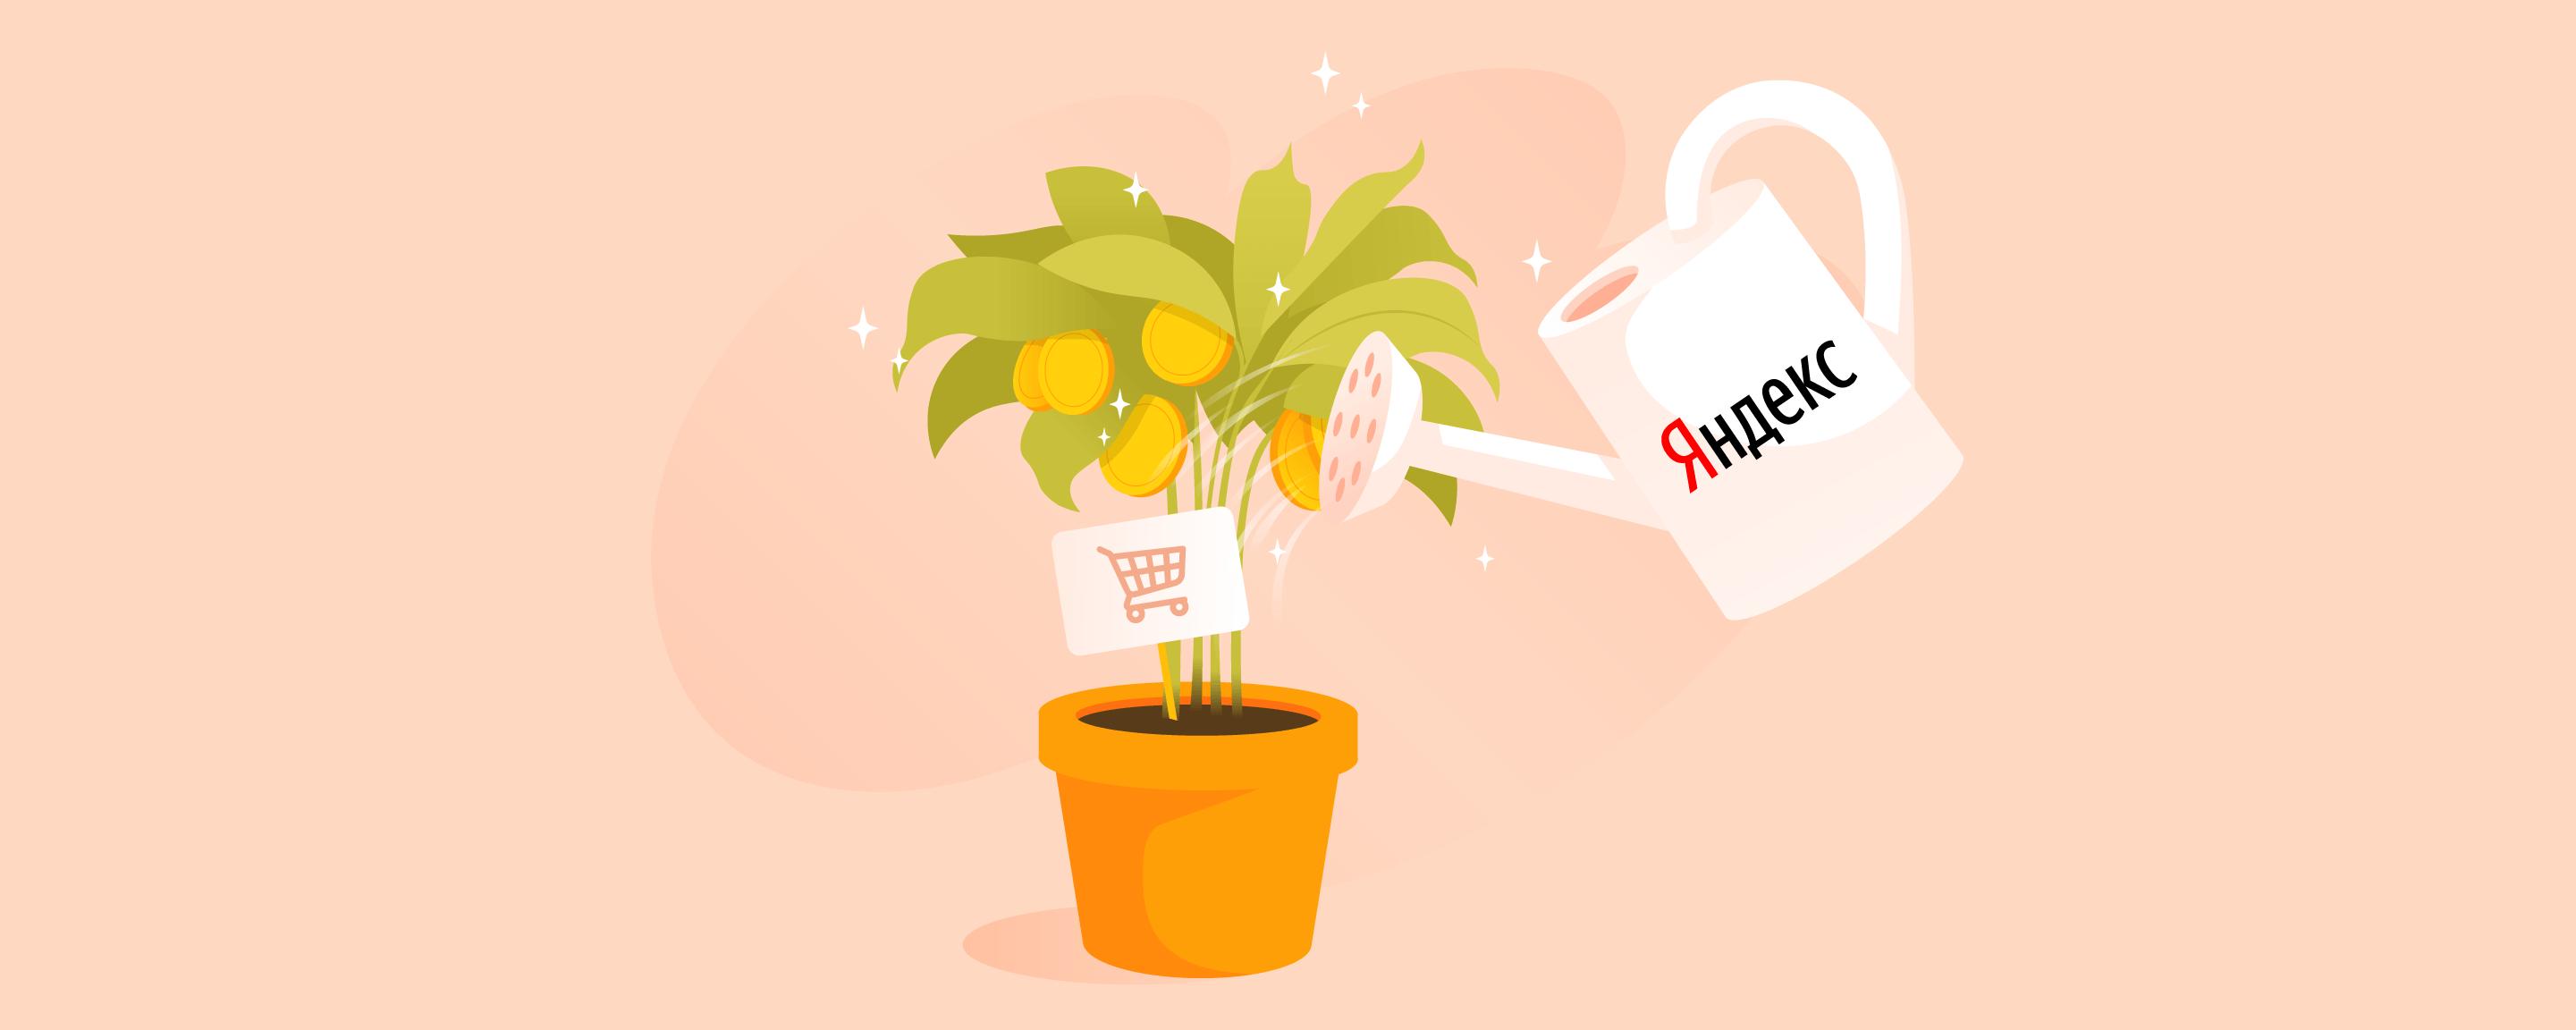 3 способа продвинуть интернет-магазин с помощью сервисов Яндекса